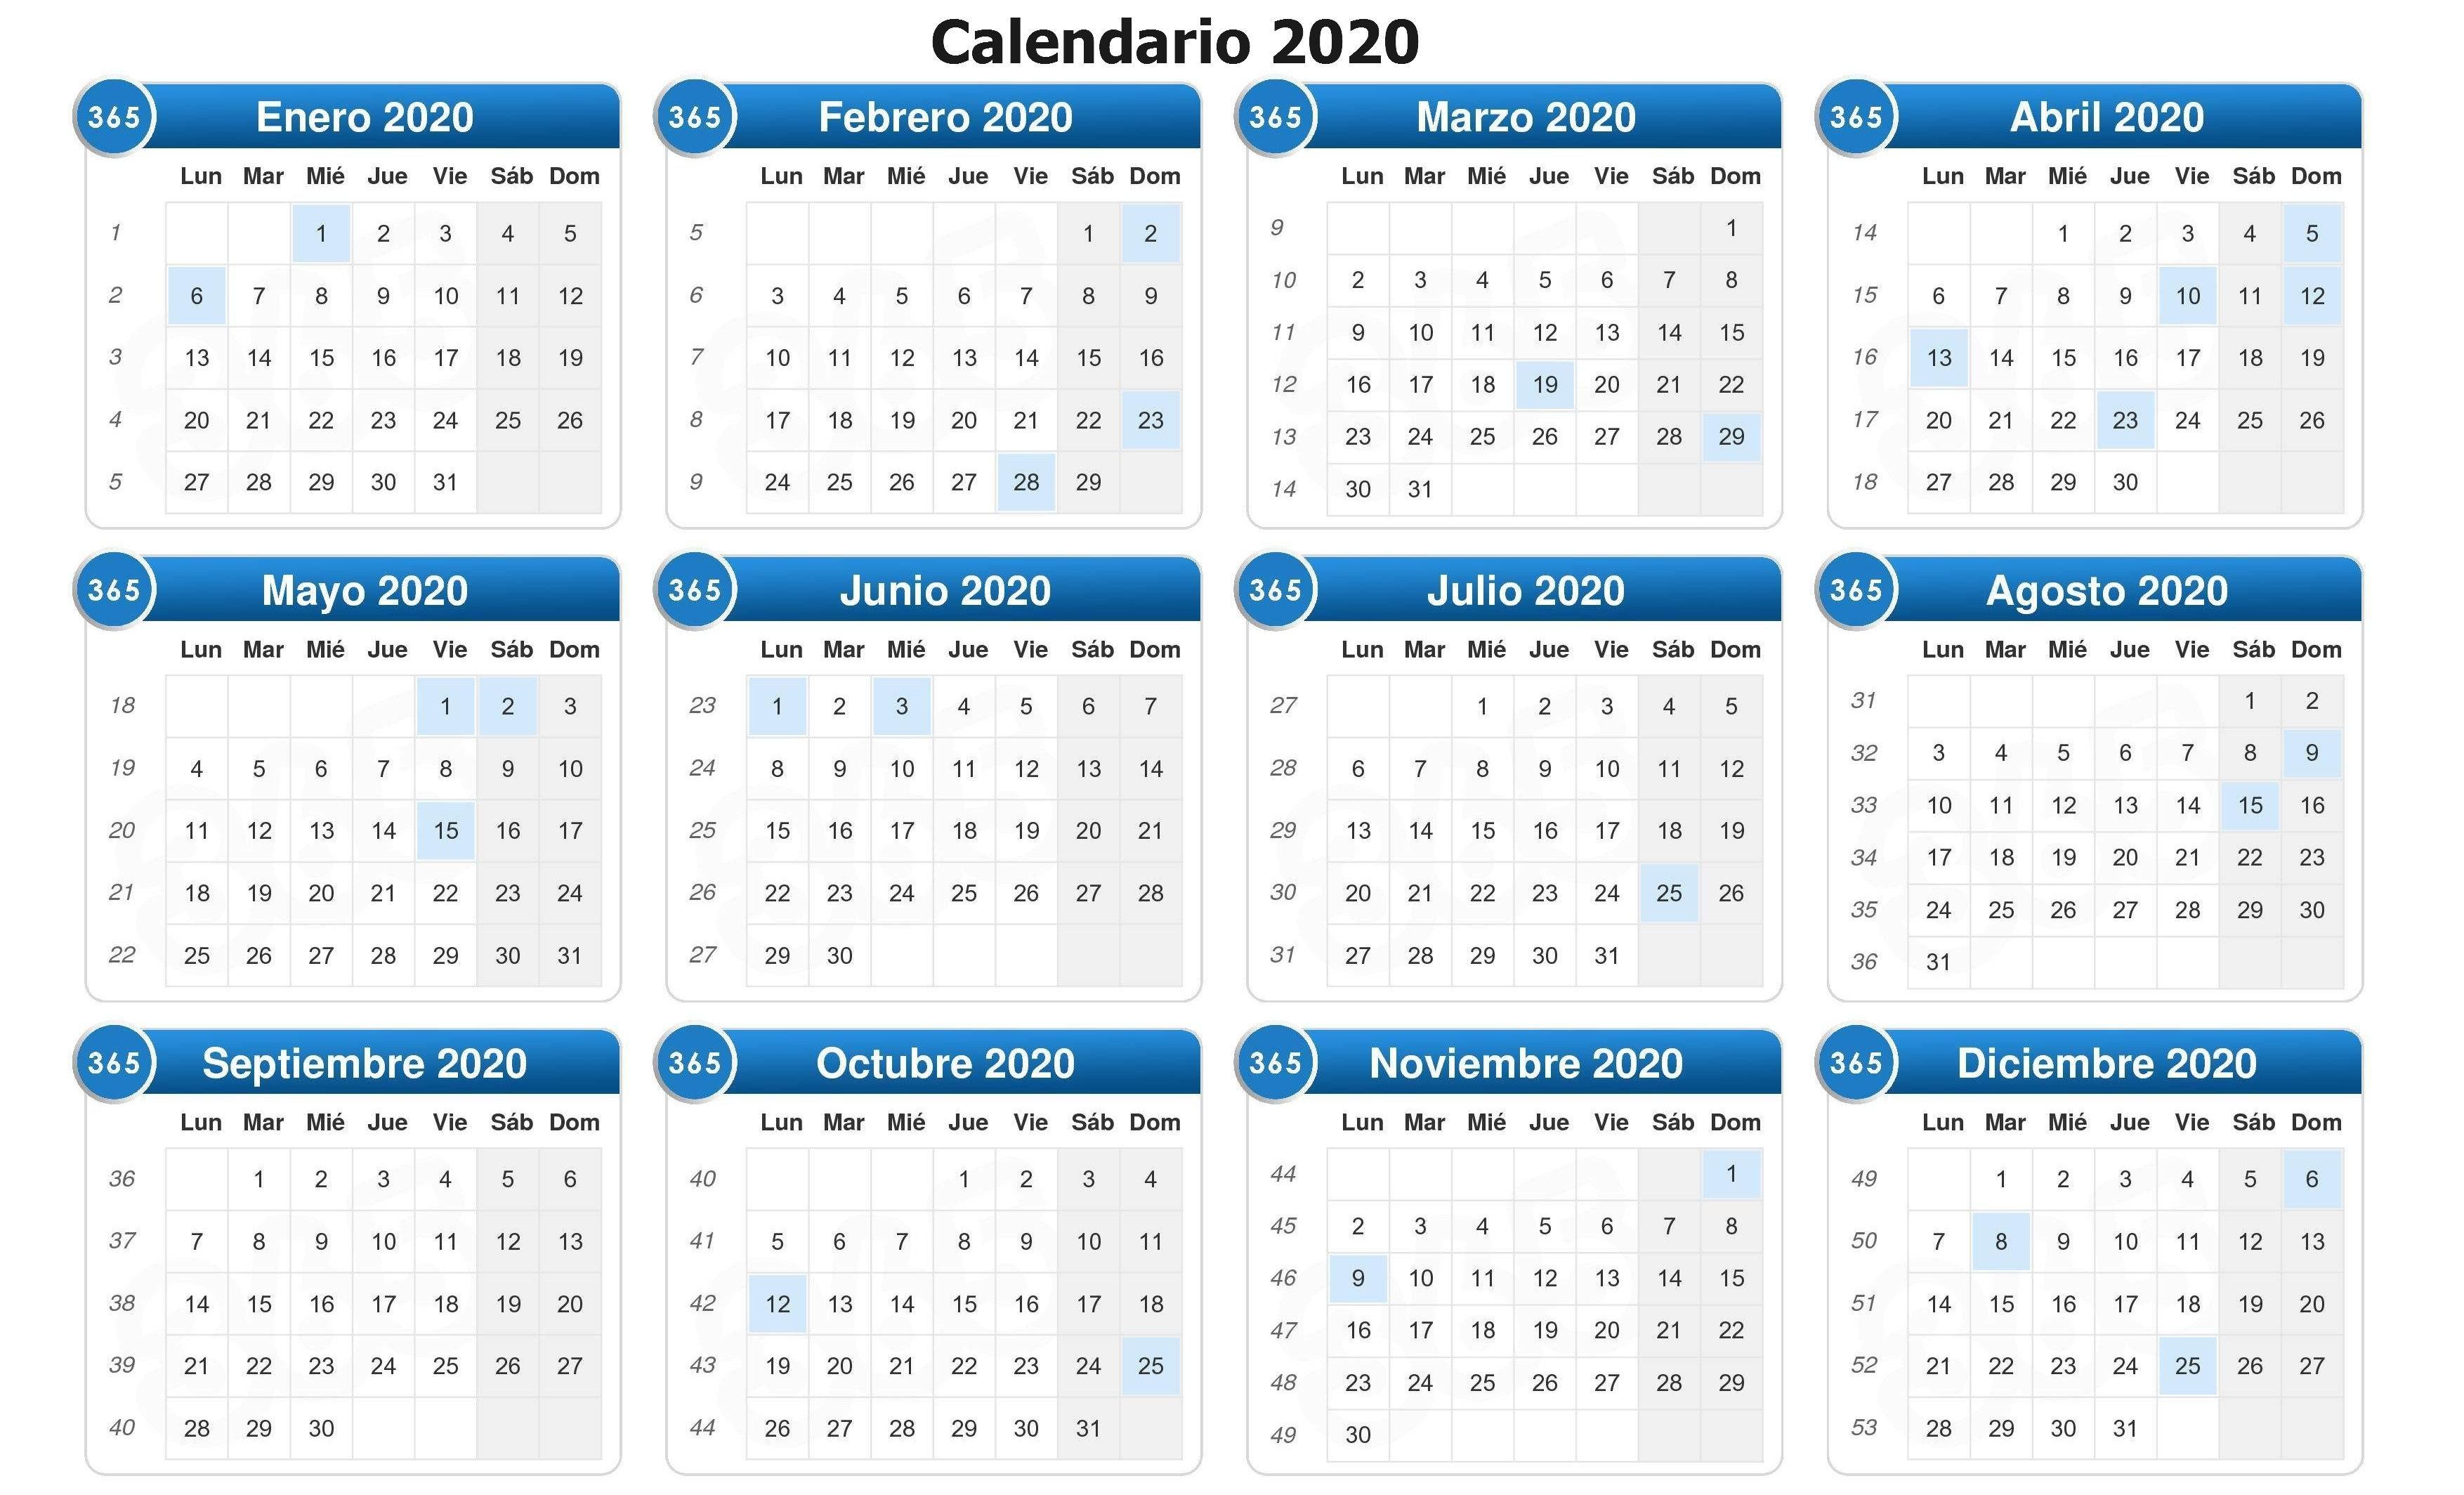 Calendario 2020 completo 12 meses